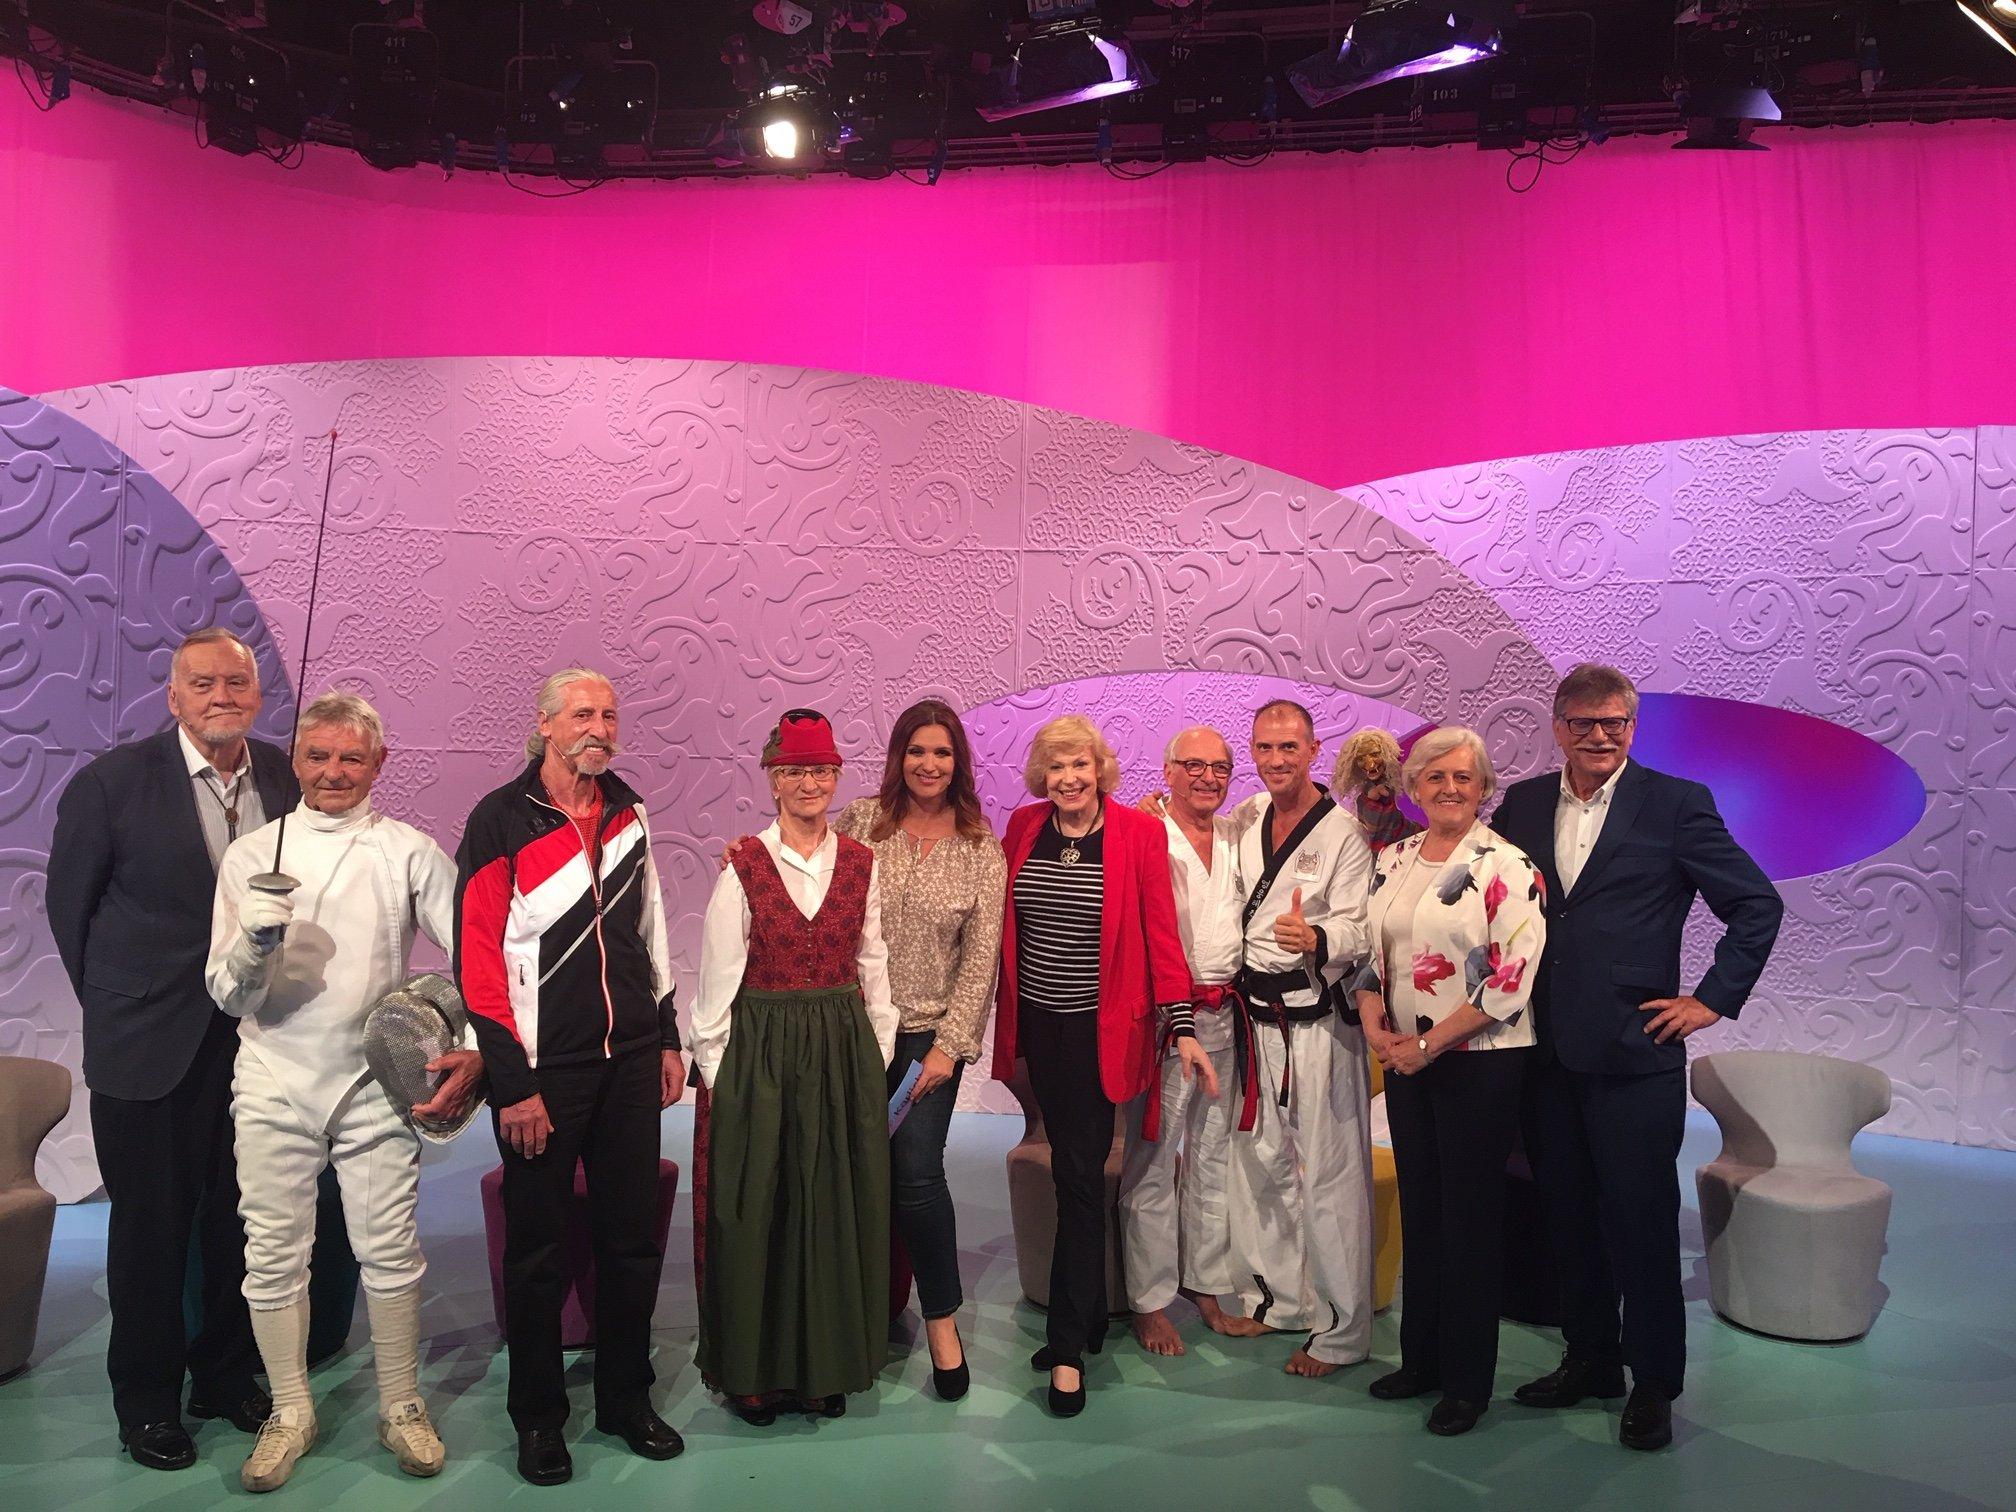 Gerd bei der Barbara Karlich-Show